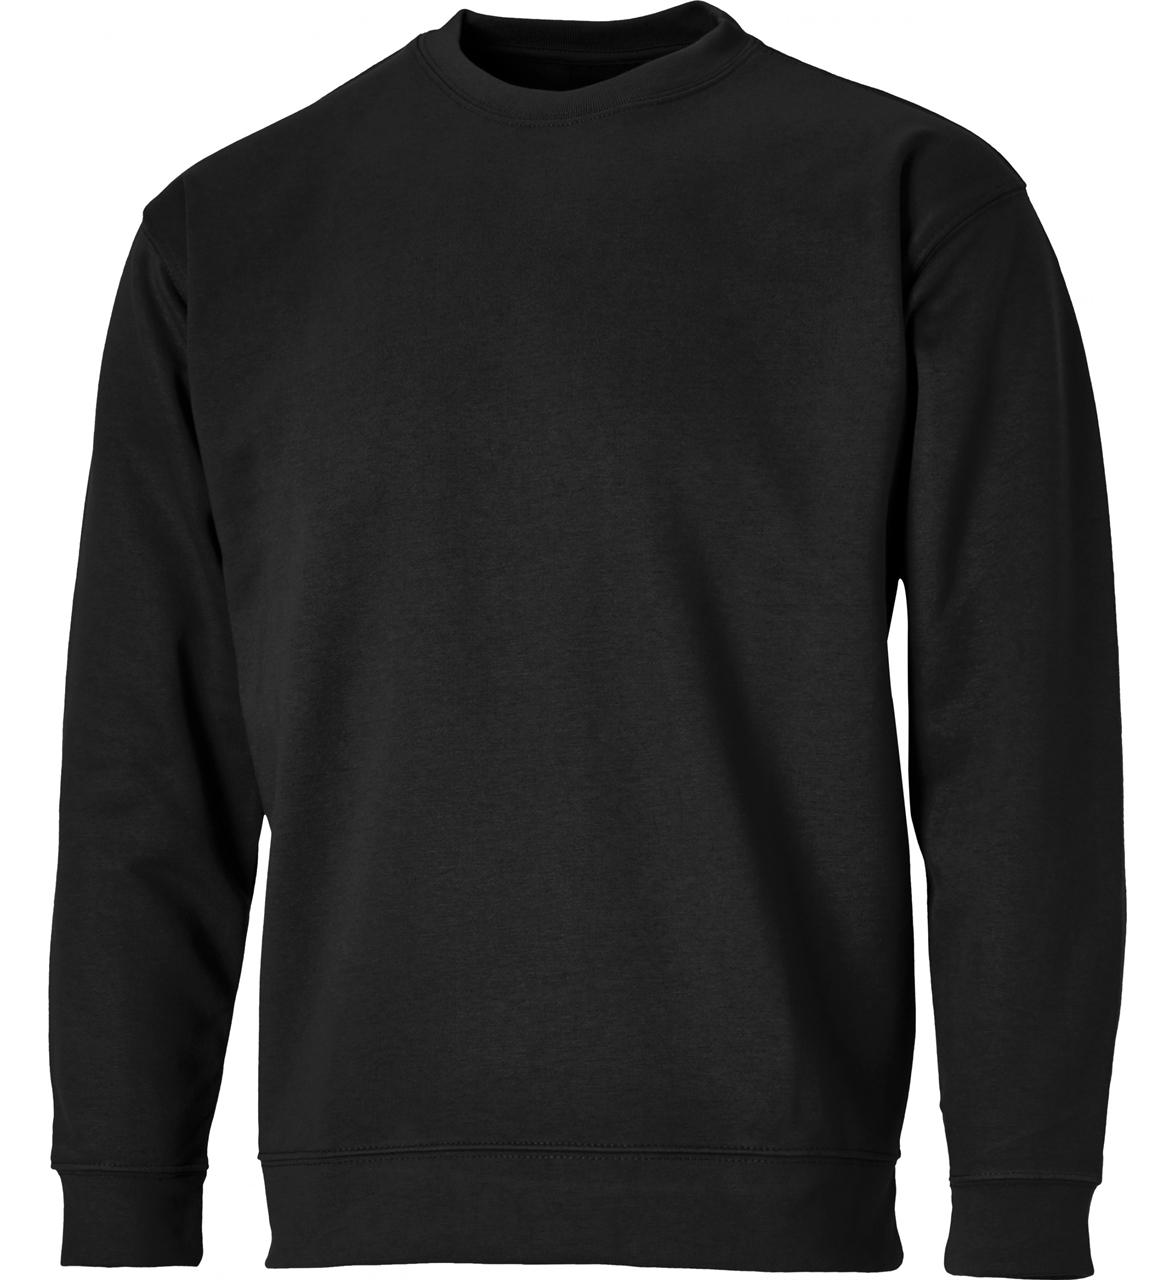 Picture of Dickies Crewneck Fleece Sweatshirt